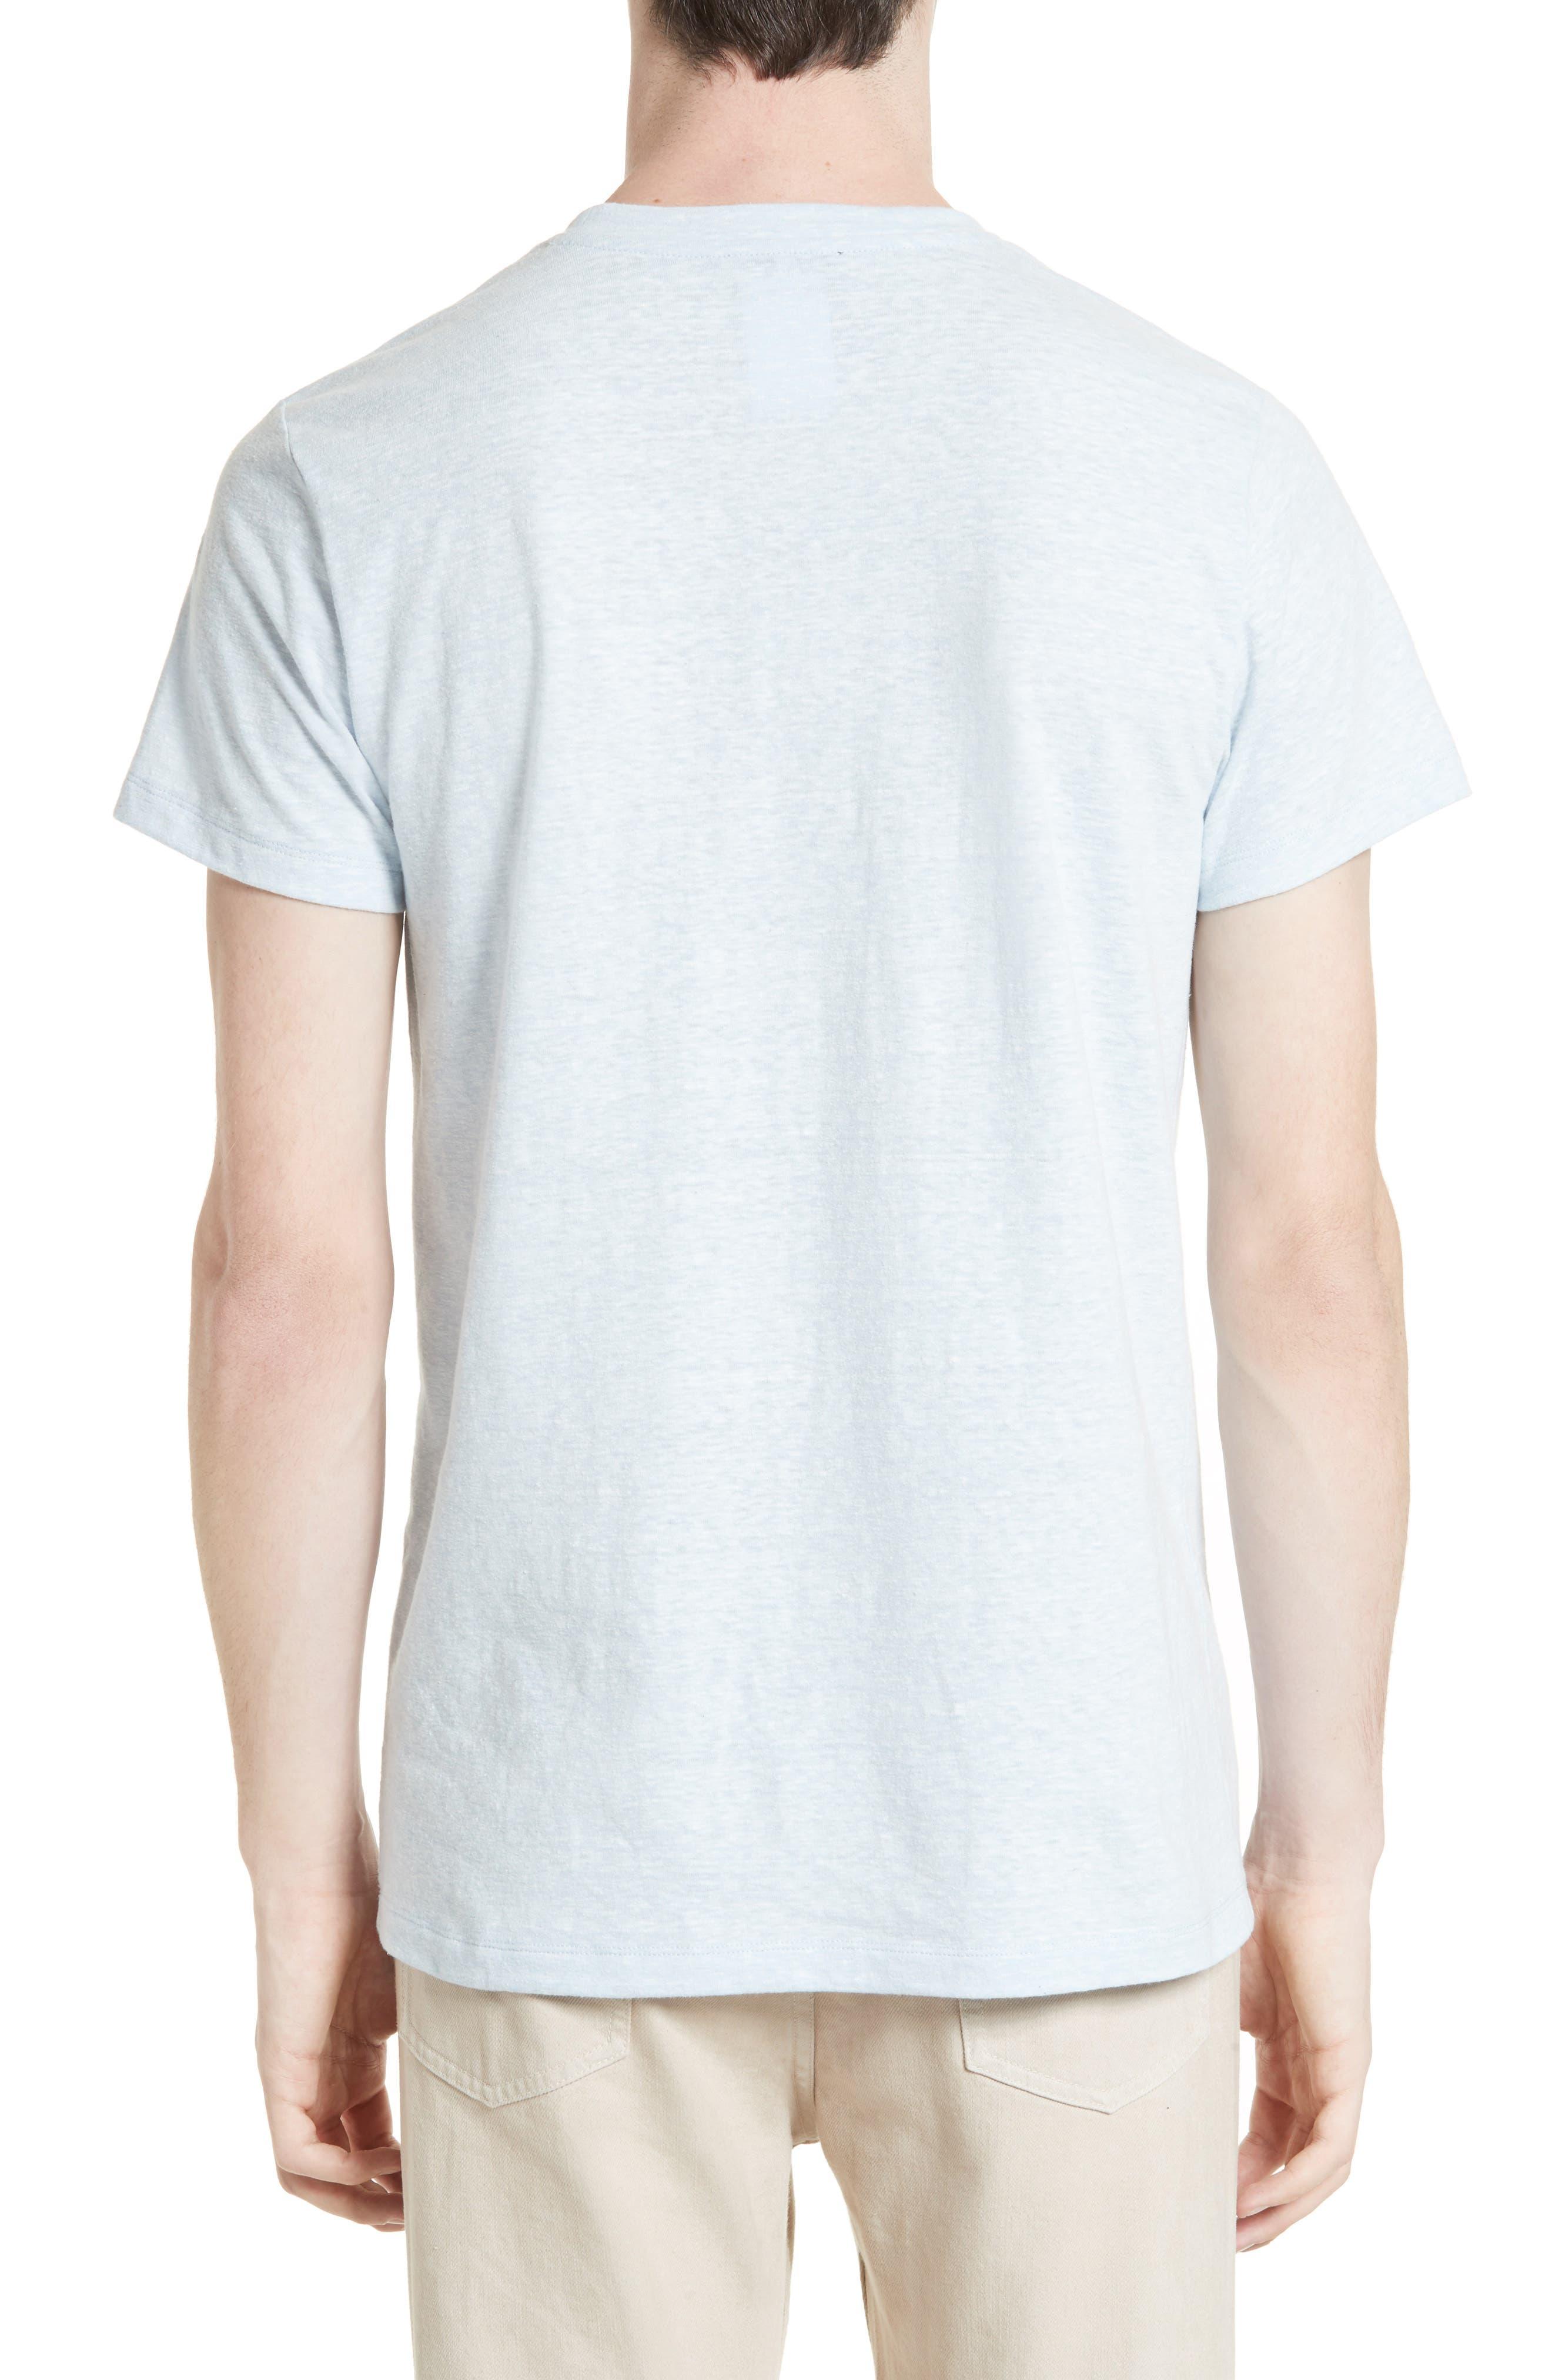 Jimmy T-Shirt,                             Alternate thumbnail 2, color,                             400